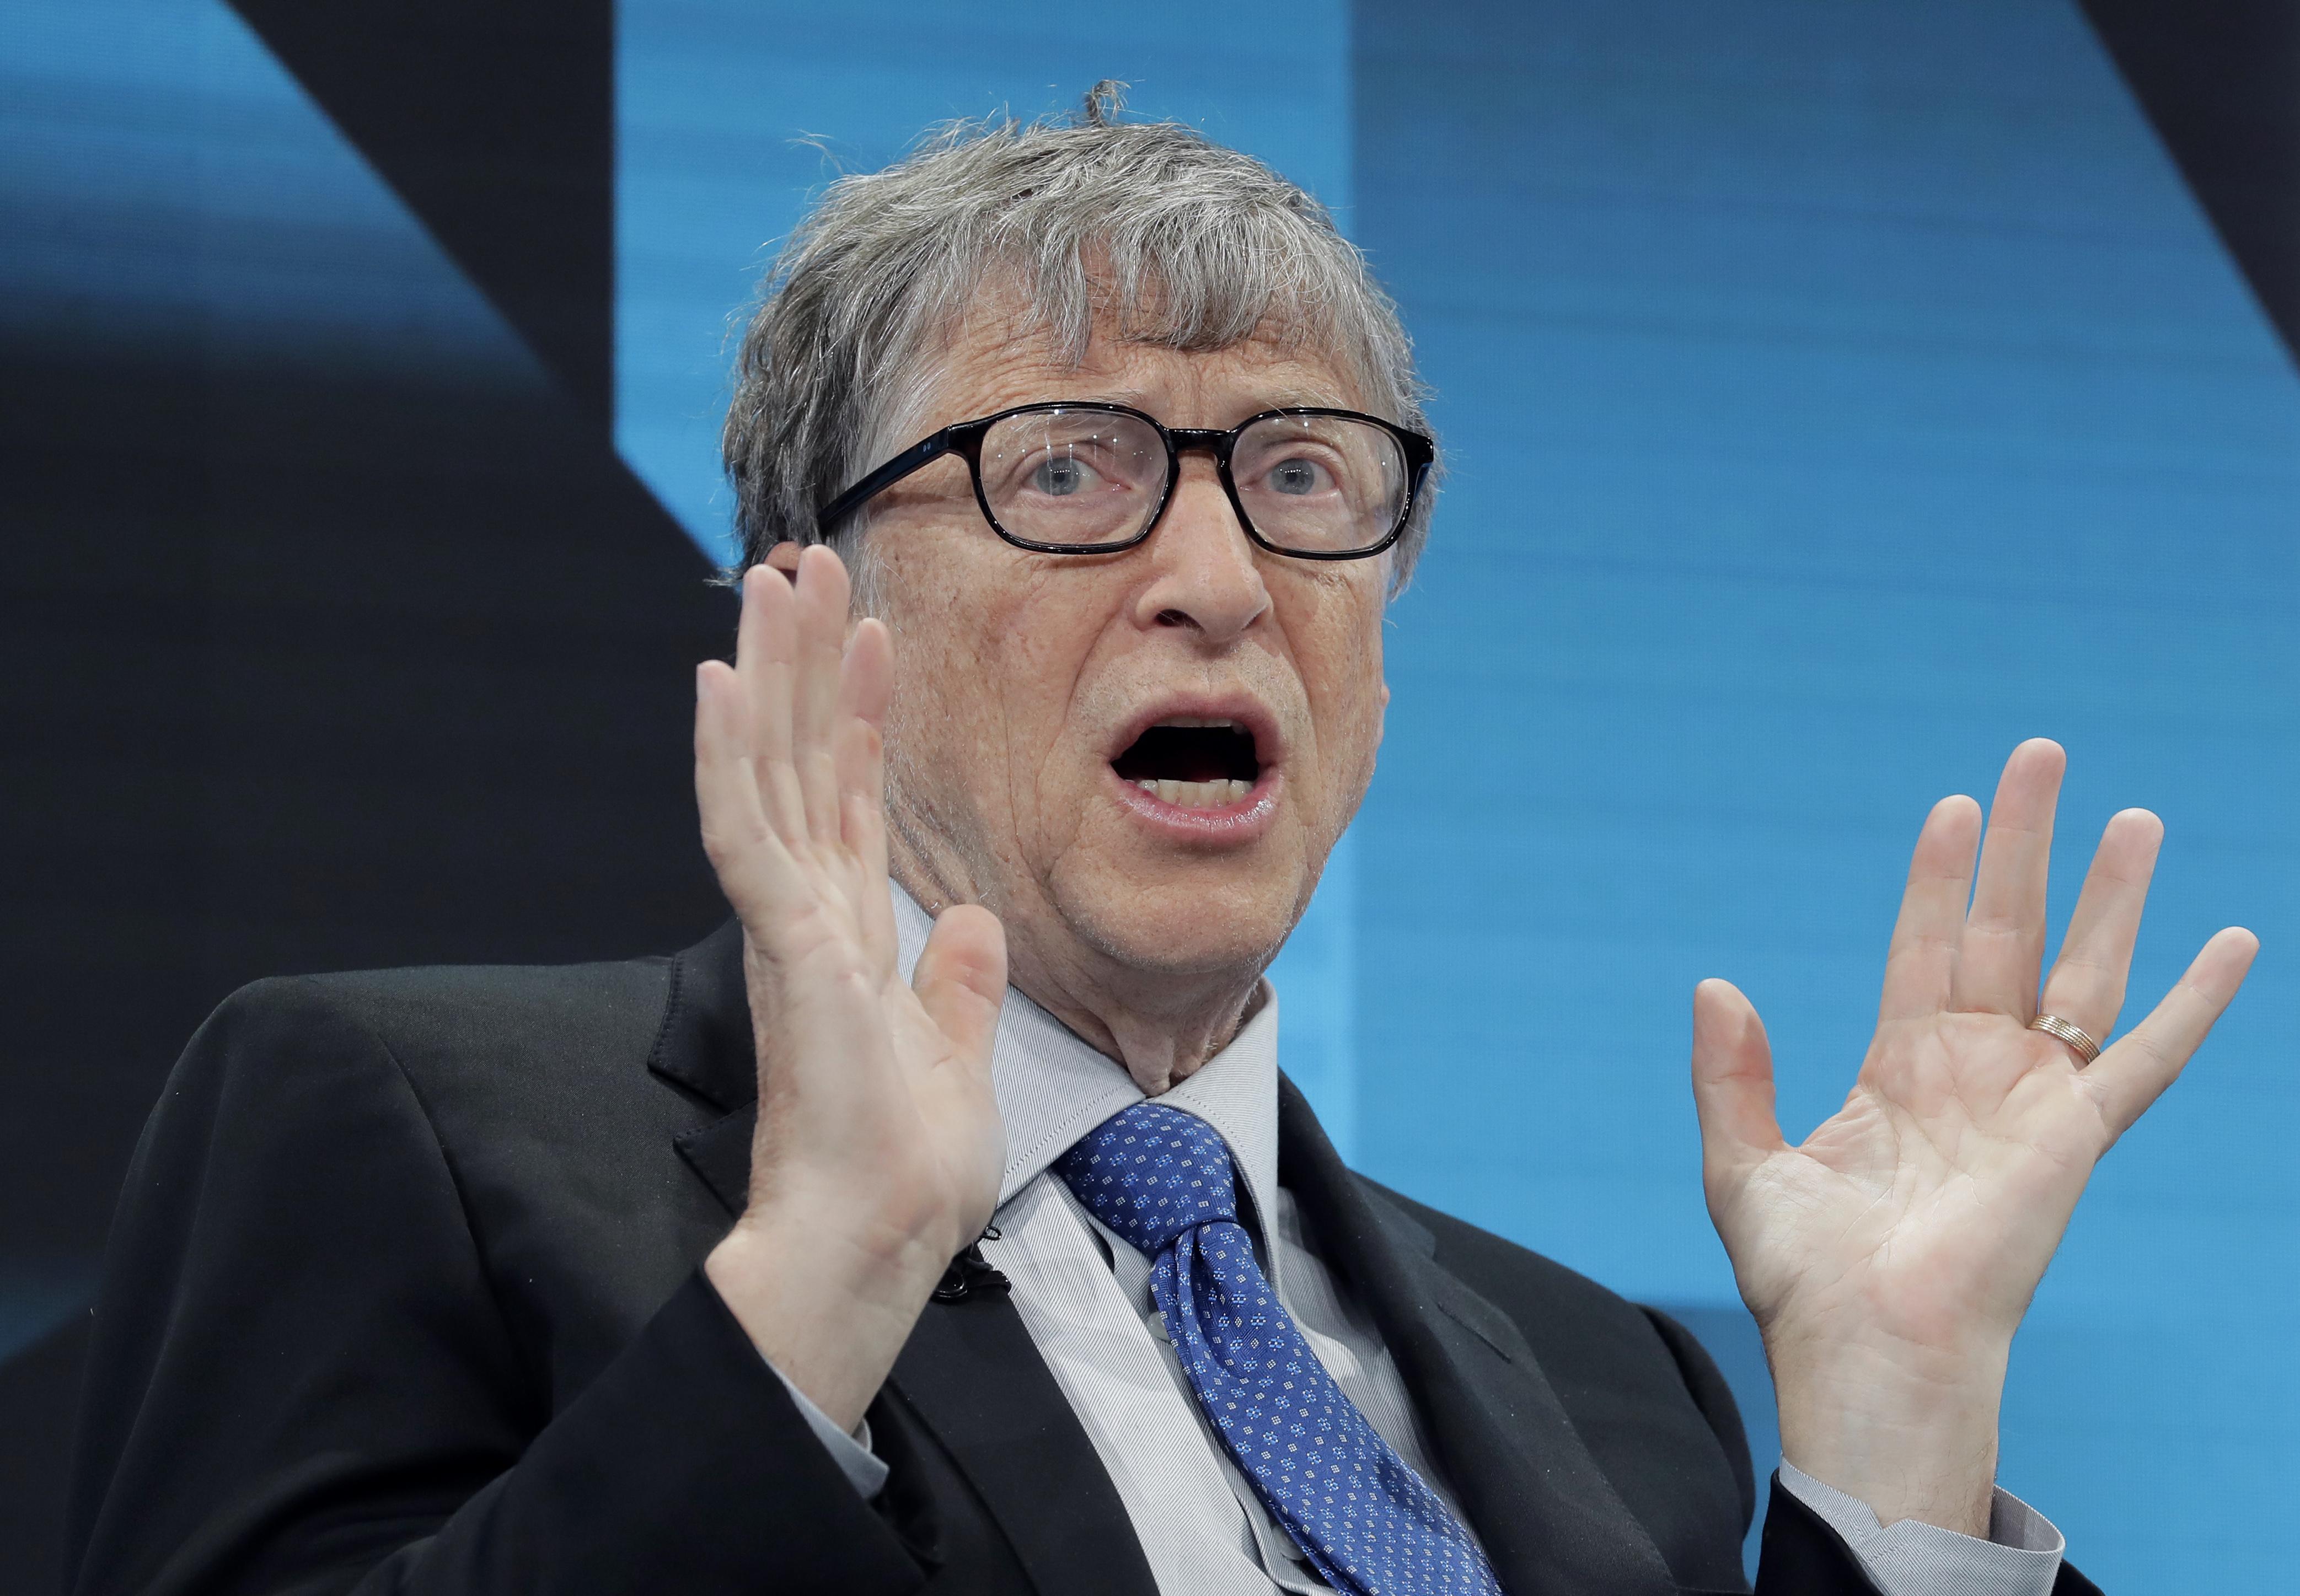 Пять историй про Билла Гейтса, которые не принято рассказывать - Inc. Russia